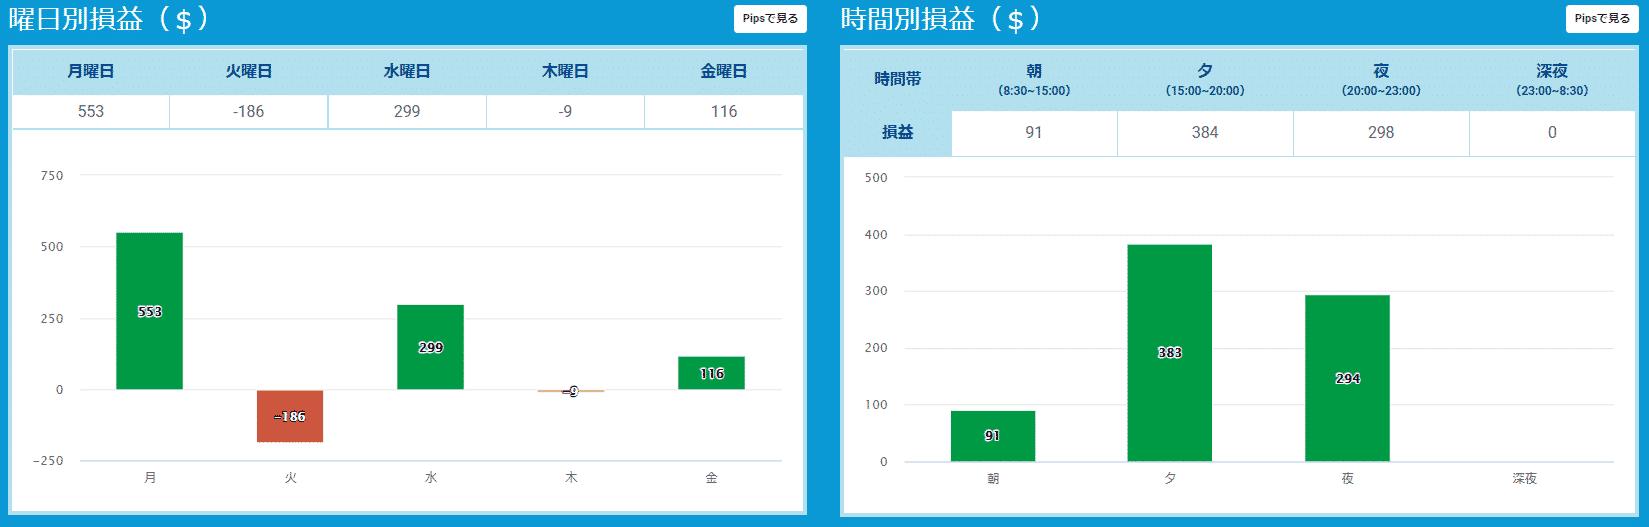 プロップトレーダーチャートKai1